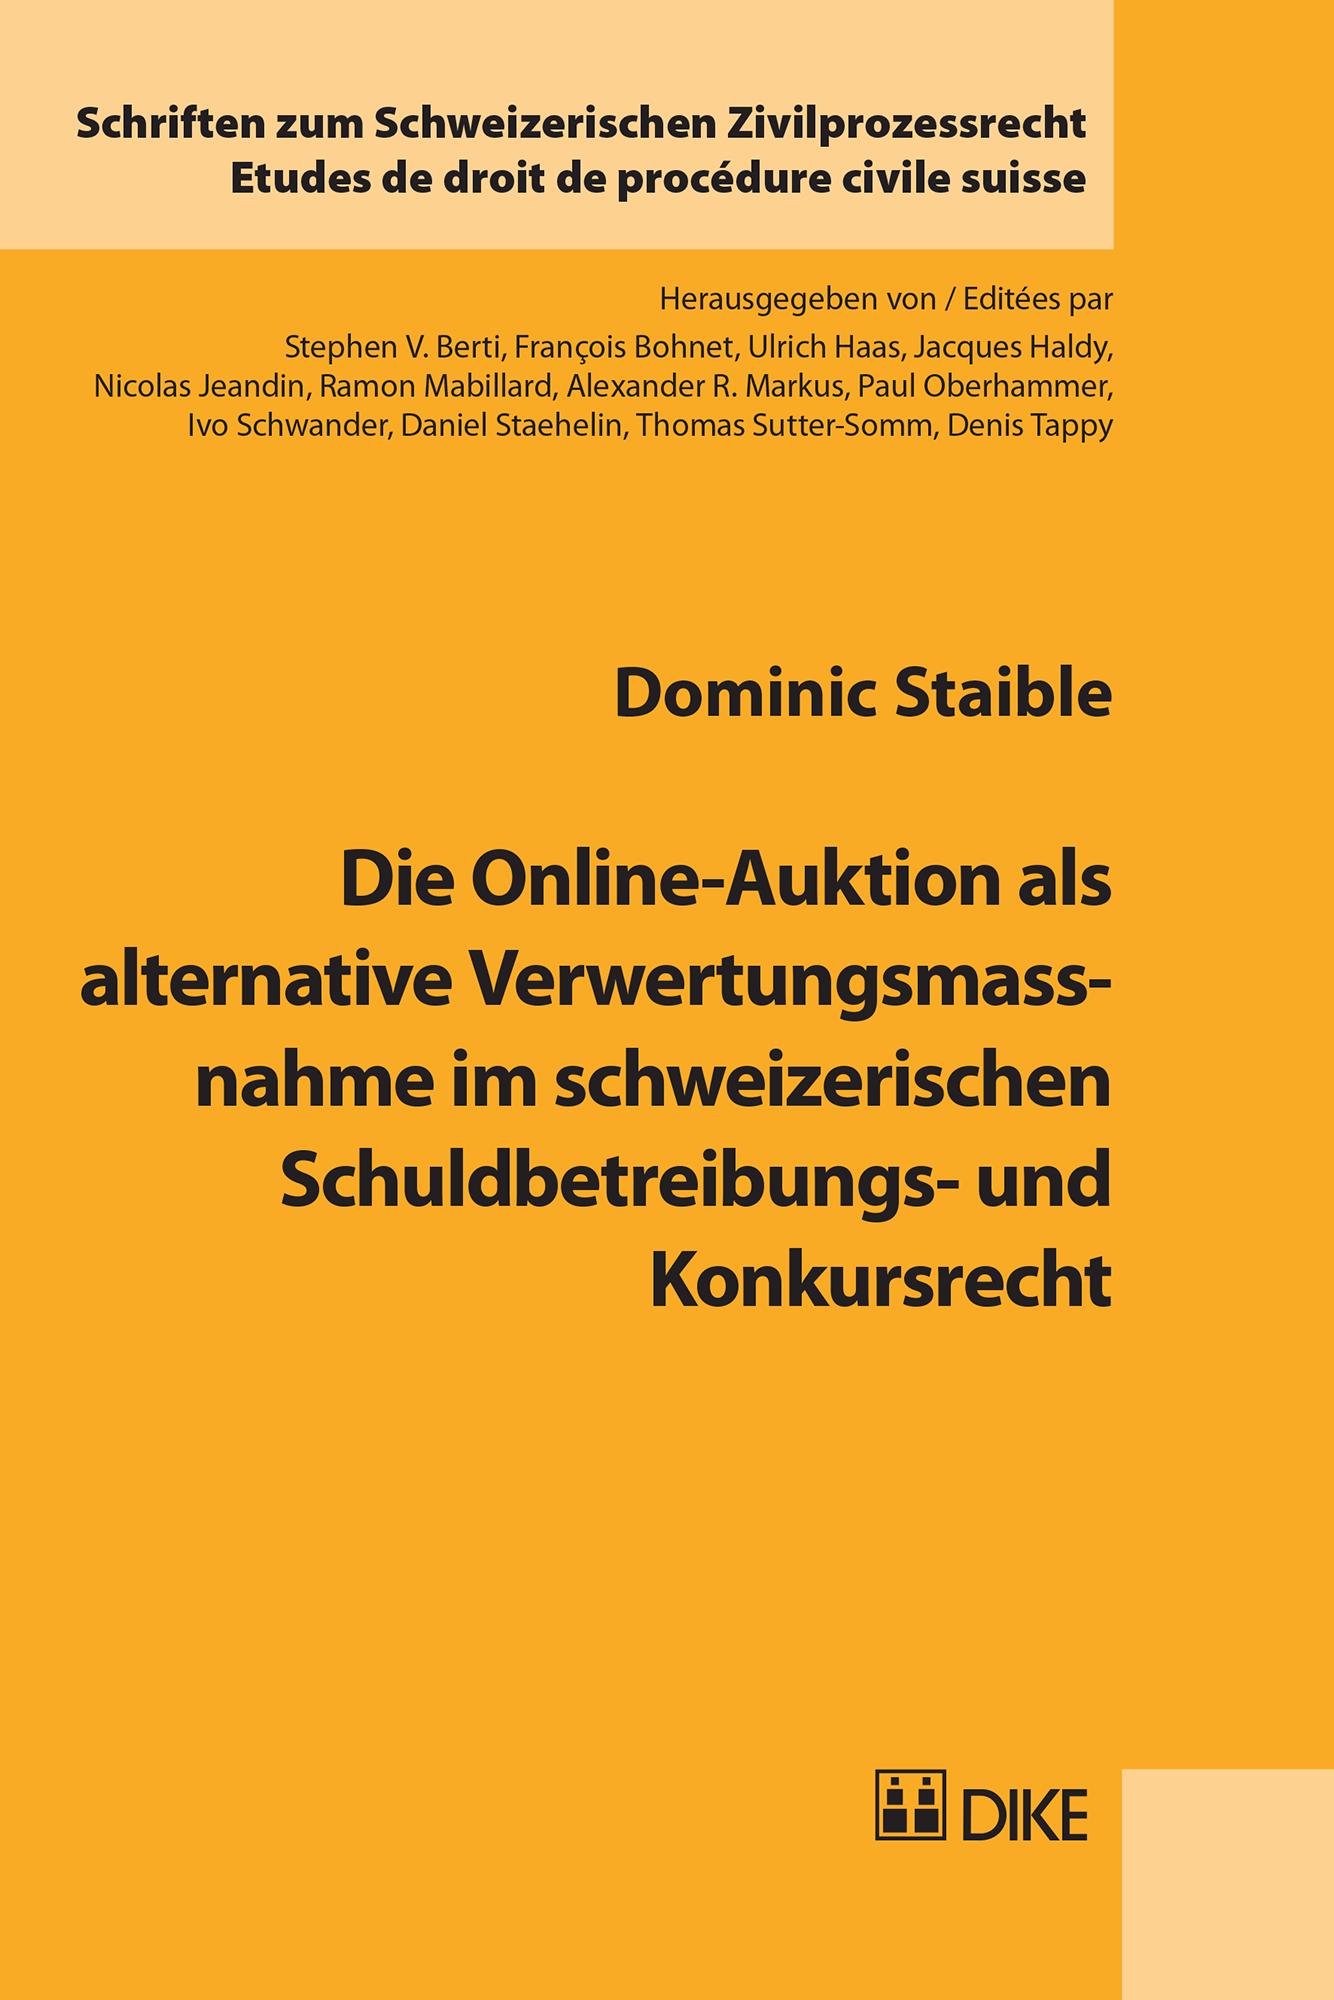 Die Online-Auktion als alternative Verwertungsmassnahme im schweizerischen Schuldbetreibungs- und Konkursrecht